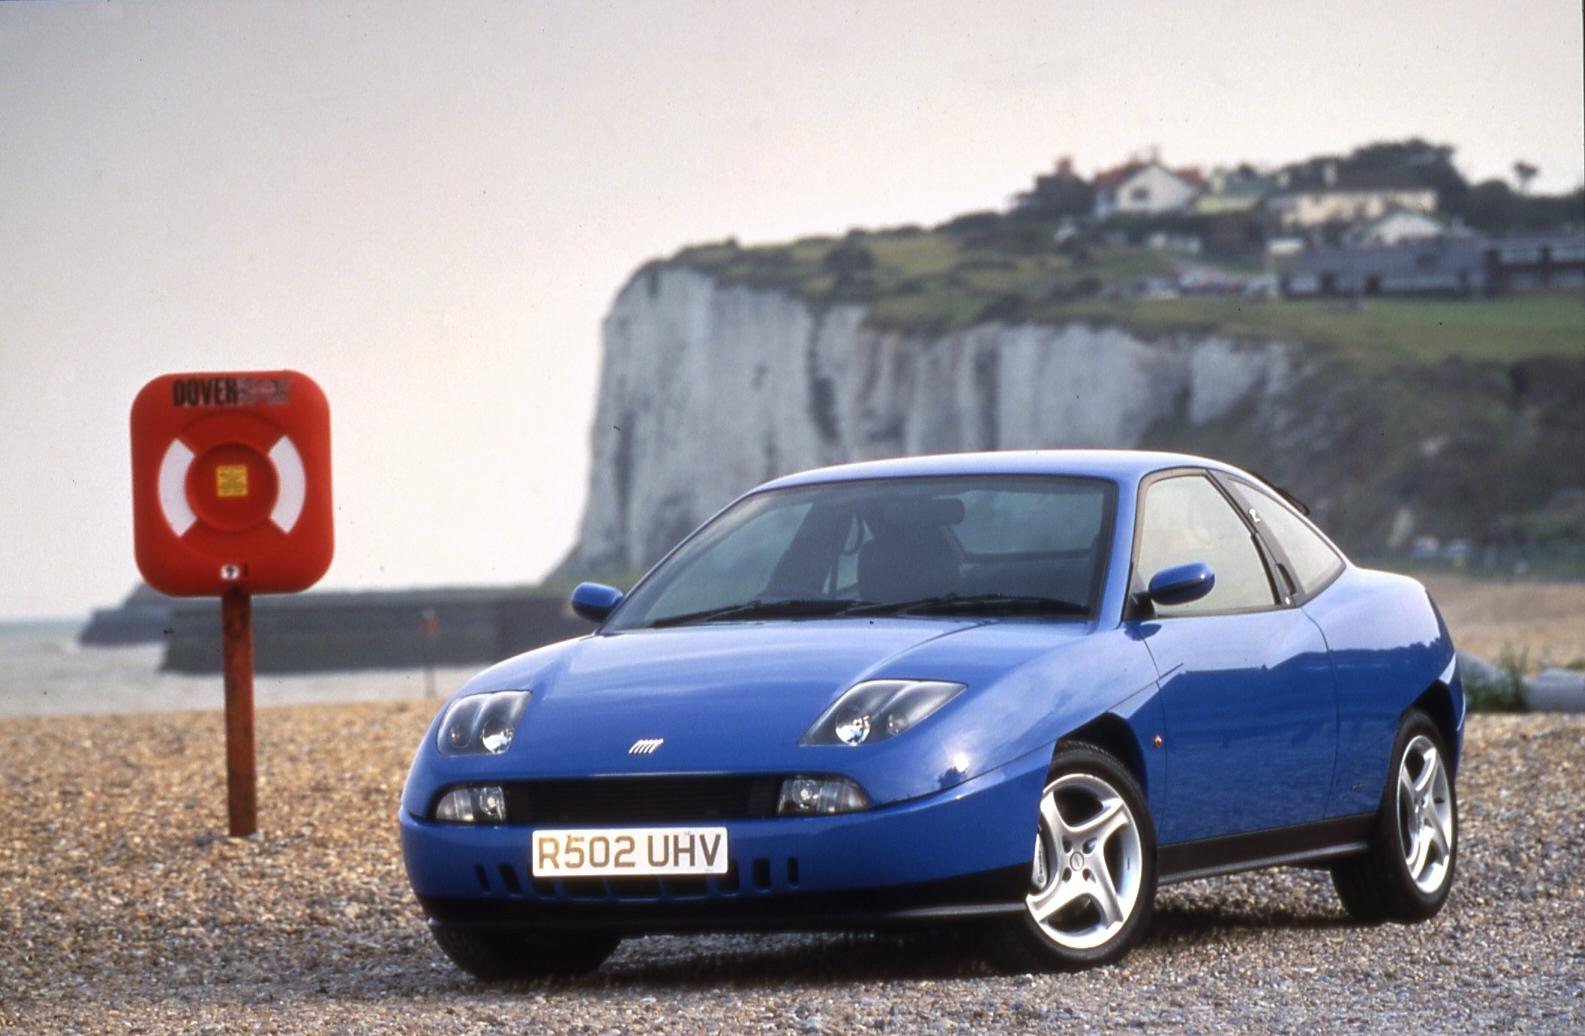 Blue Fiat Coupé